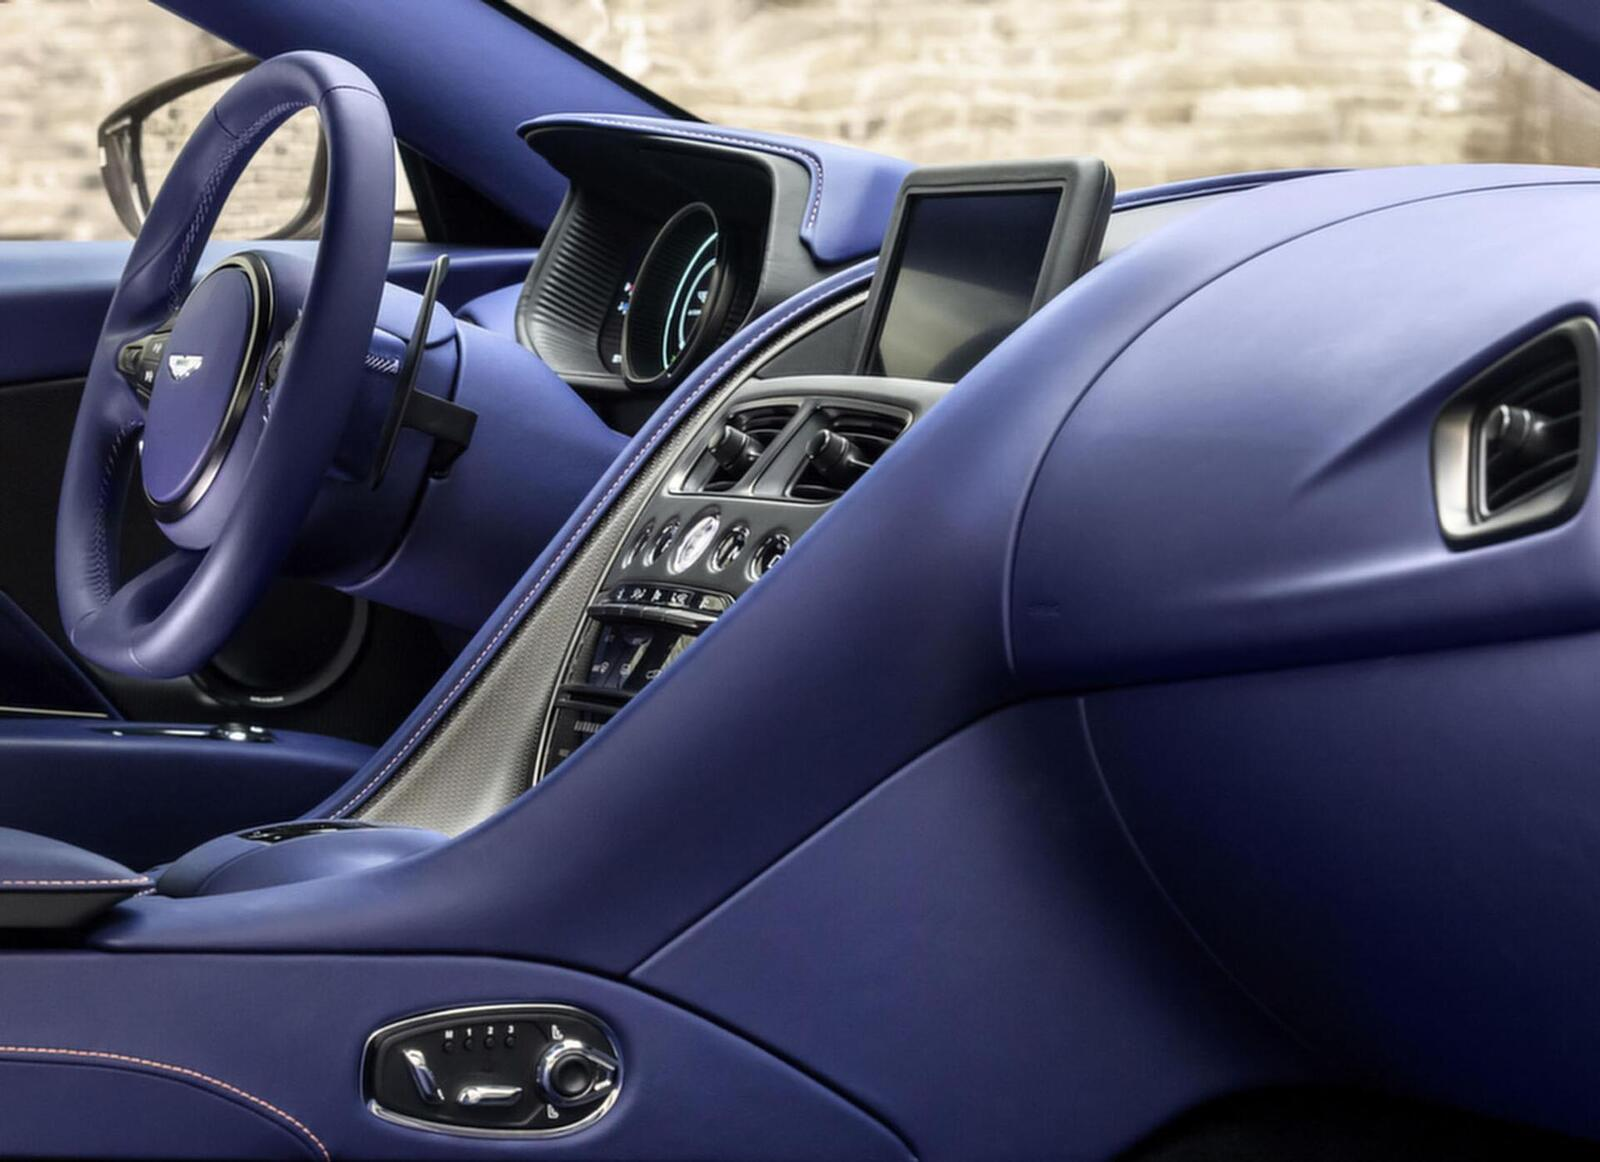 Siêu xe Aston Martin DB11 về Việt Nam; xe nhập chính hãng - Hình 15